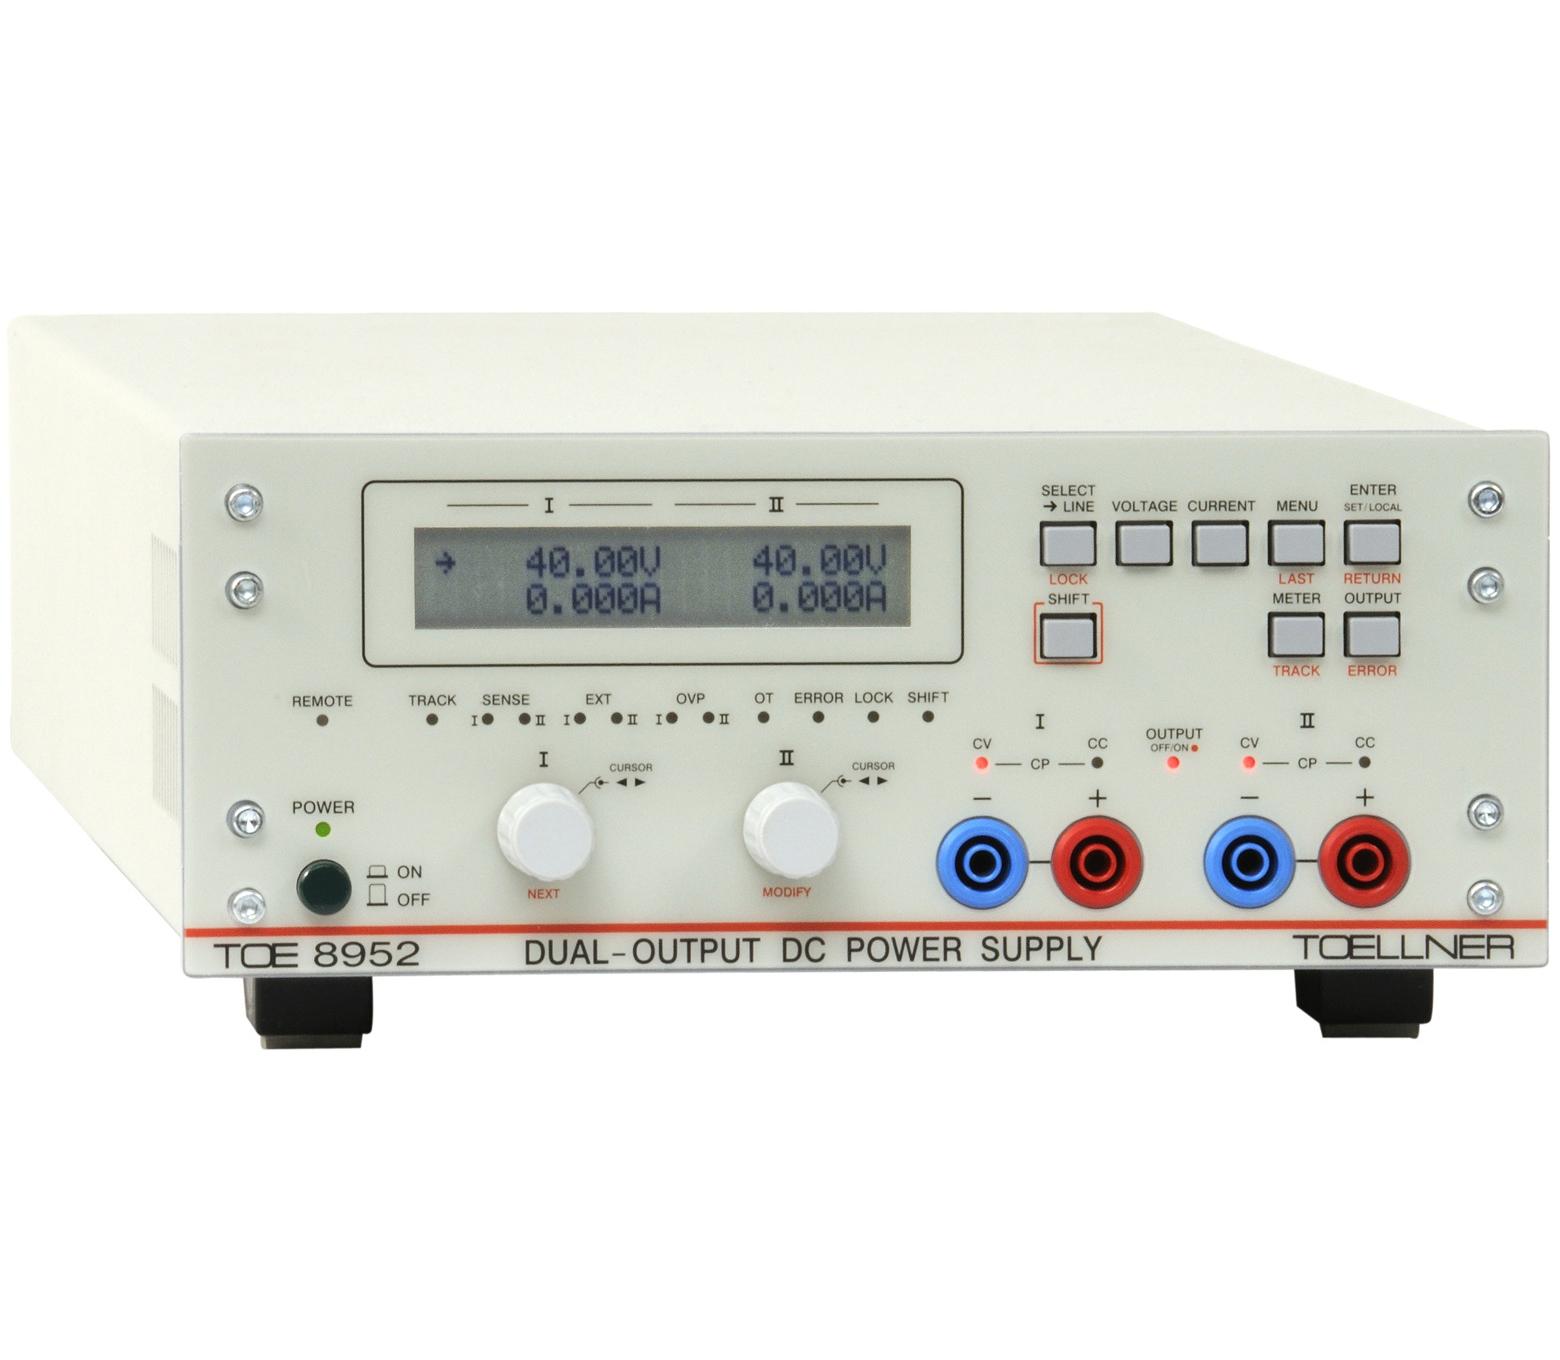 toe-8950-1560x1360 TOELLNER Laborstromversorgung Netzgerät WINGOLD MESSTECHNIK